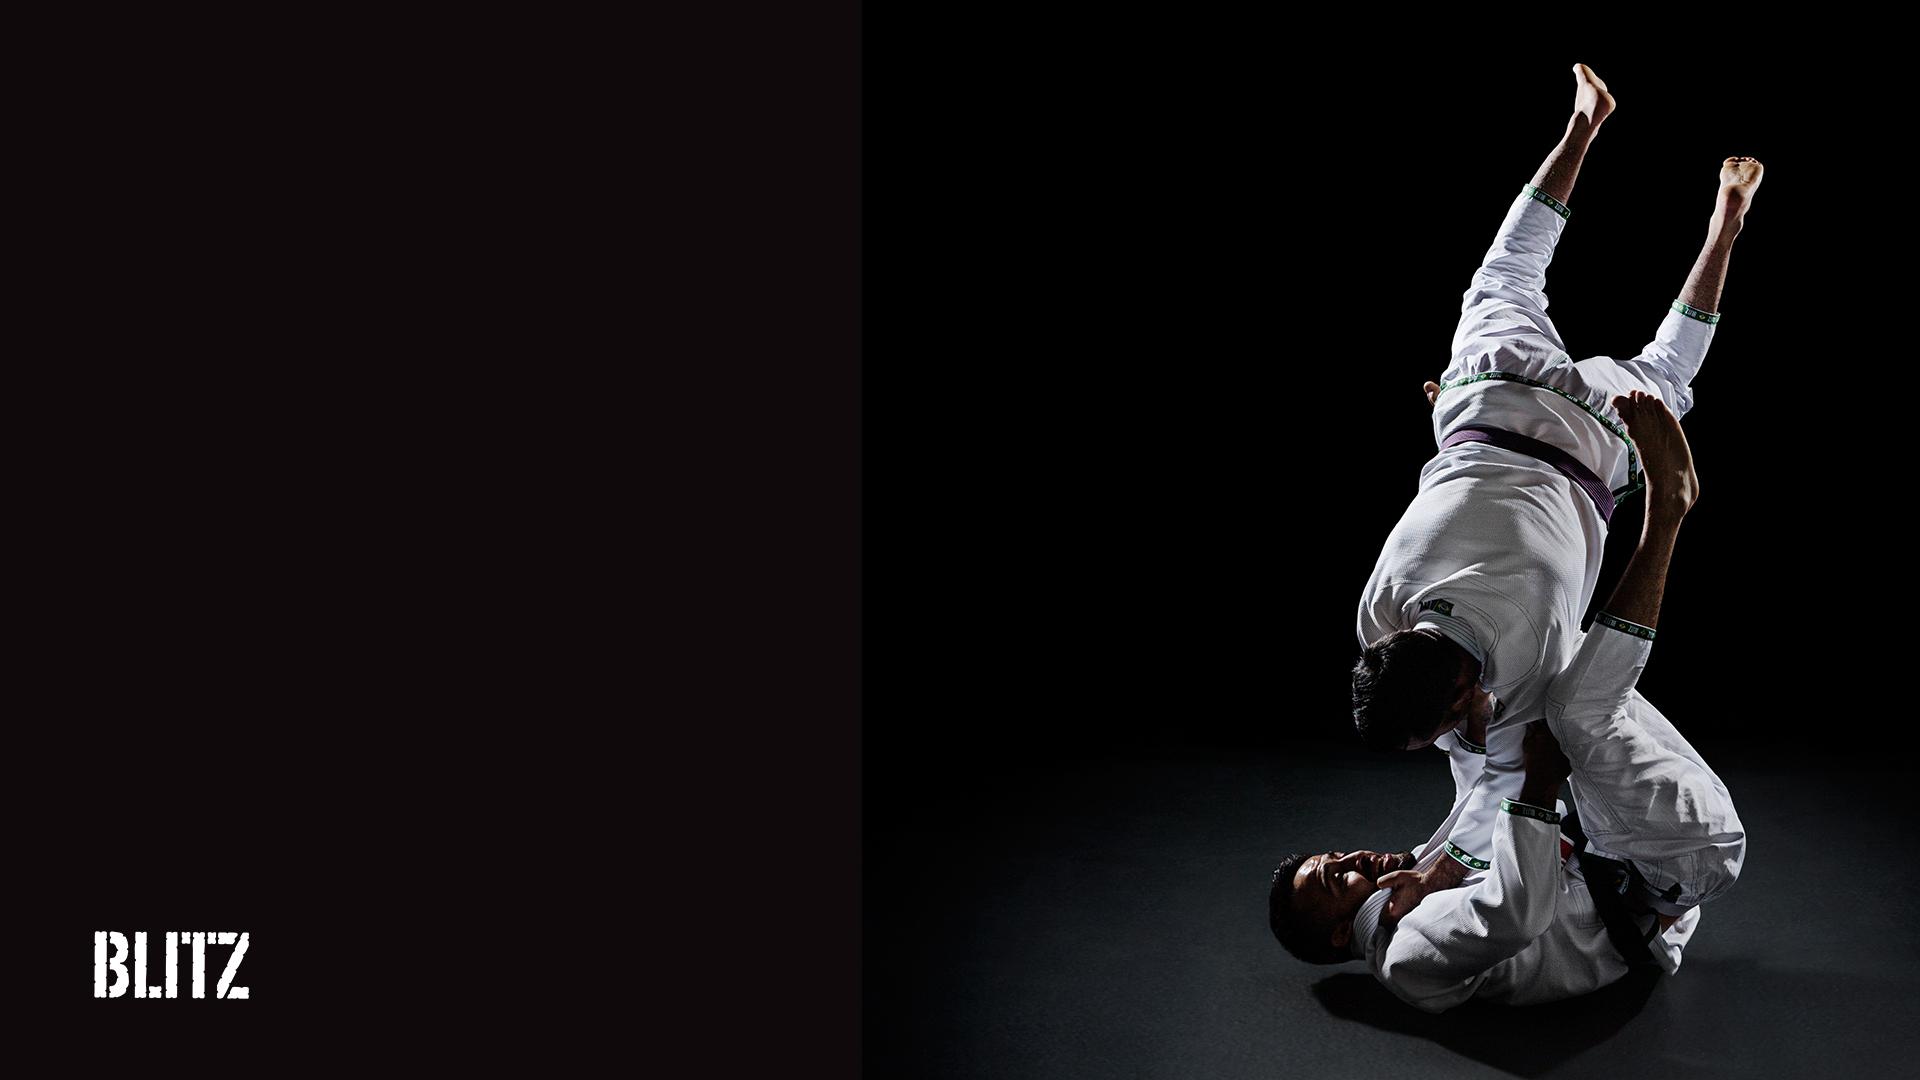 Jiu Jitsu Wallpapers Wallpapersafari HD Wallpapers Download Free Images Wallpaper [1000image.com]